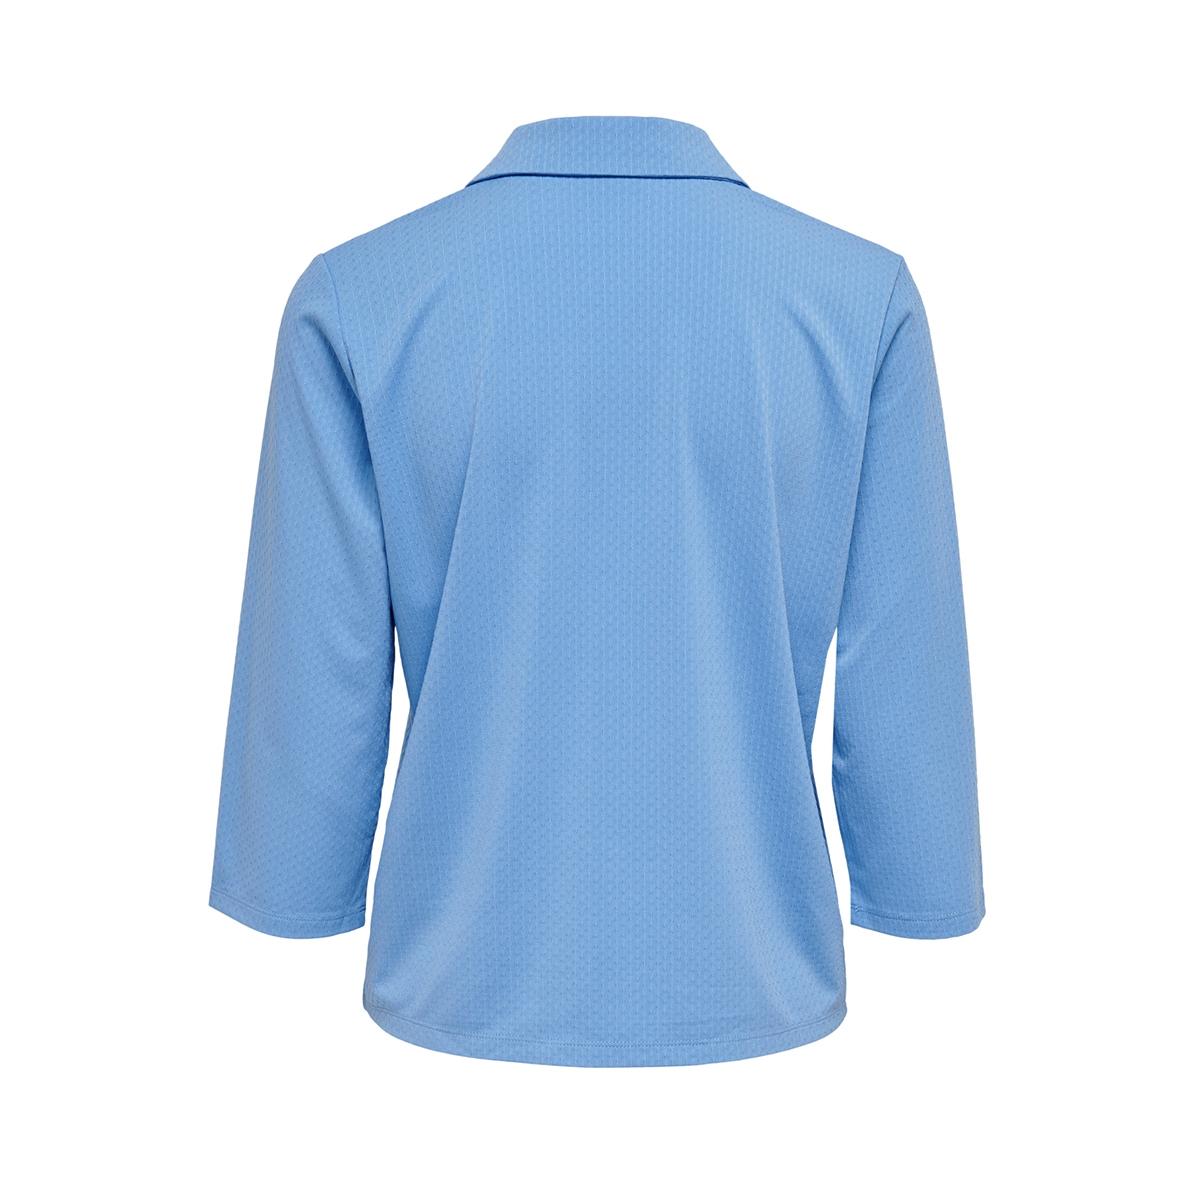 jdywellina 3/4  button top jrs 15196880 jacqueline de yong blouse silver lake blu/dtm button